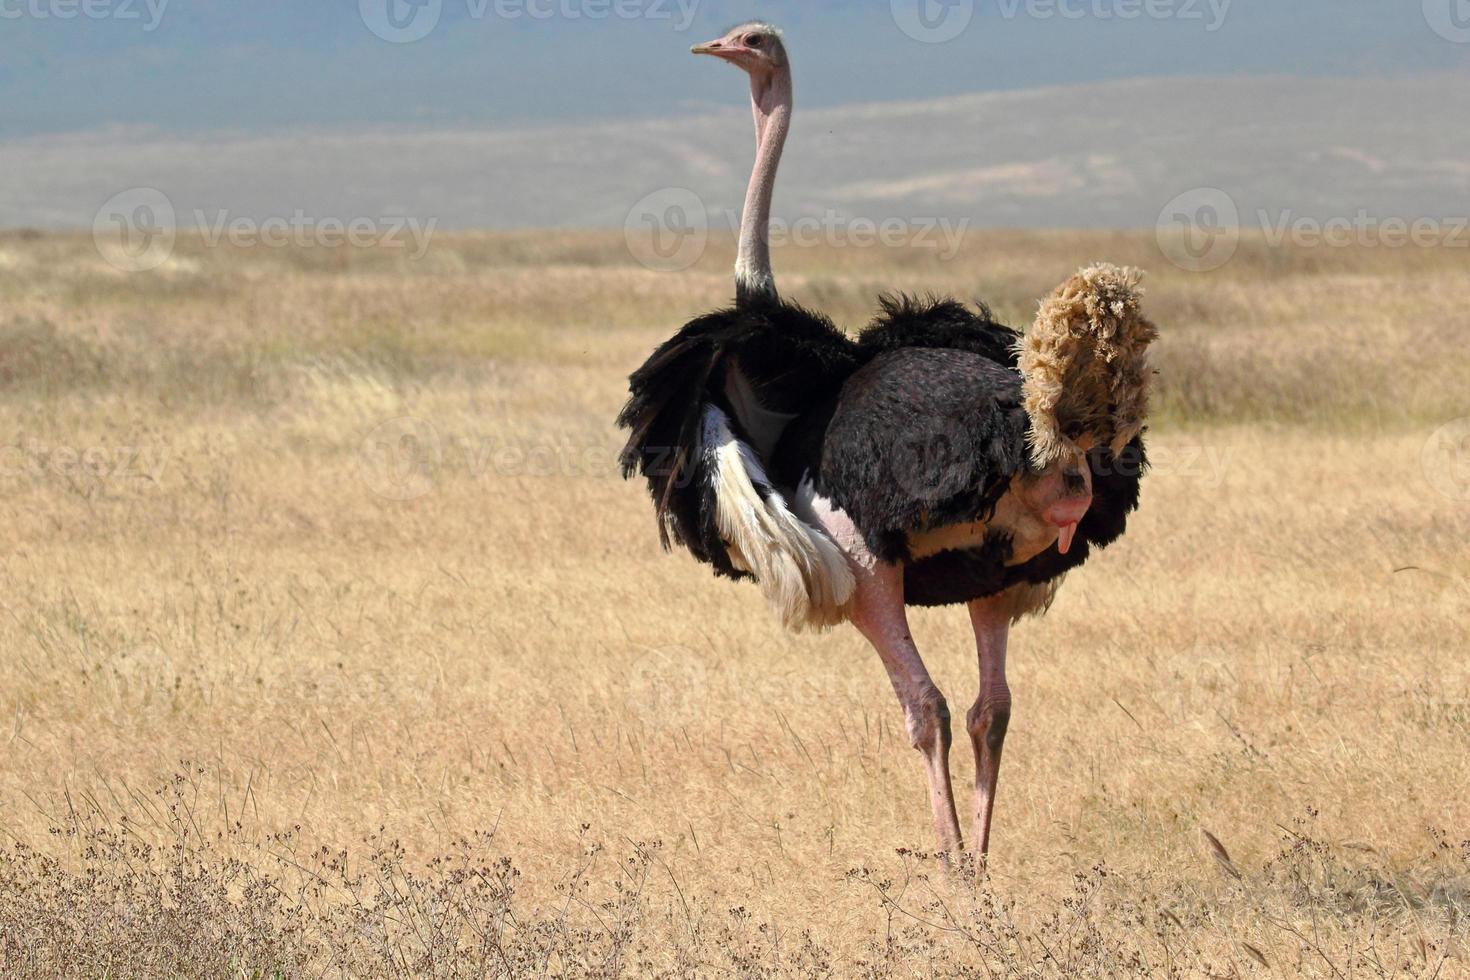 mannelijke struisvogel rondkijken foto